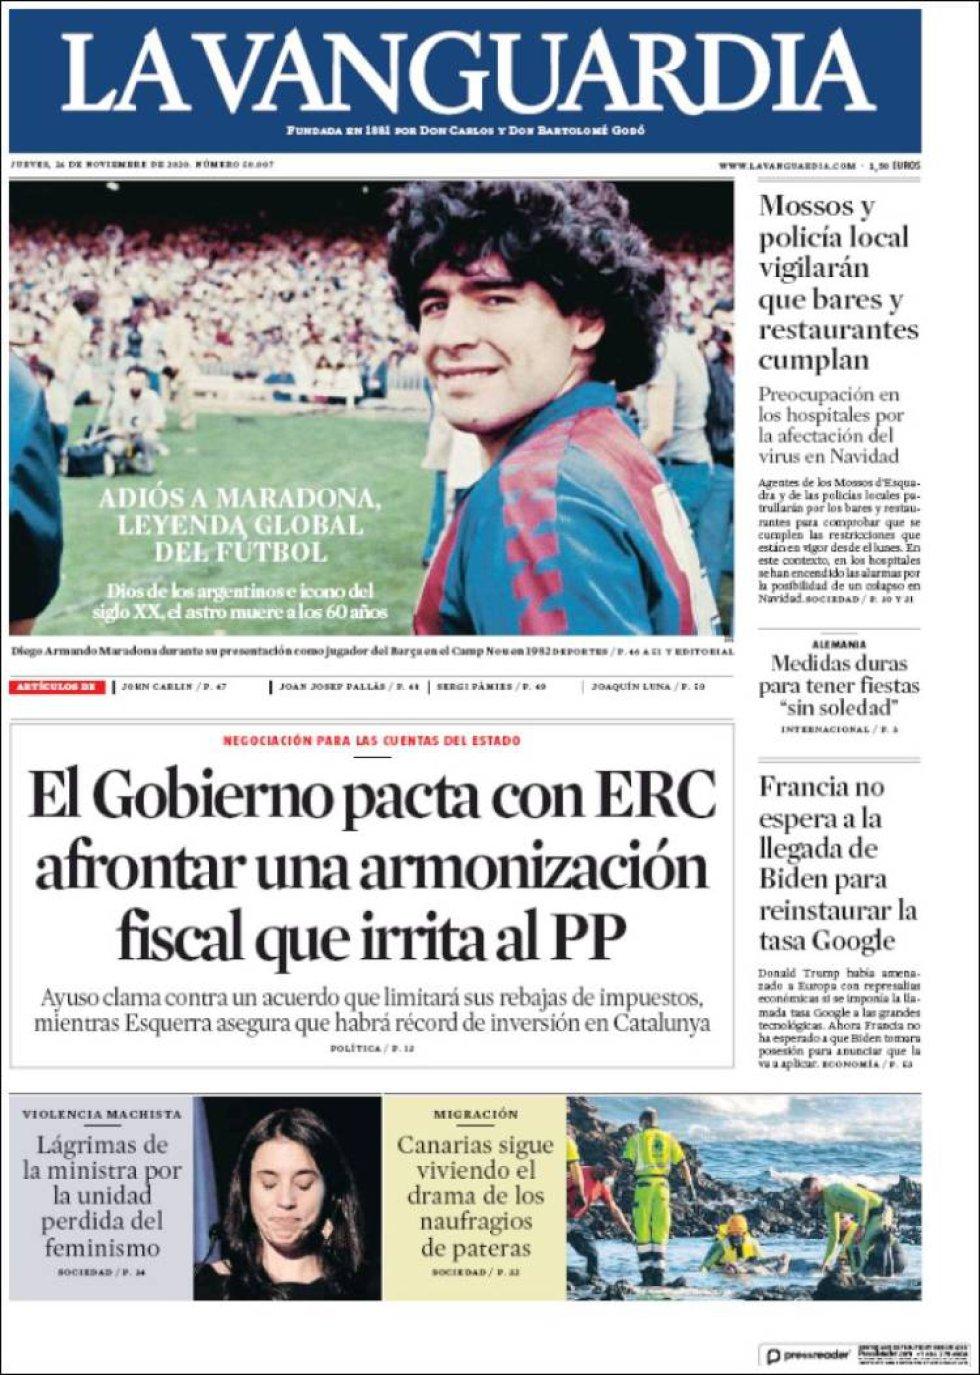 'Adiós a Maradona, leyenda global del fútbol', señala 'La Vanguardia' con una foto del futbolista de su época en el Barça